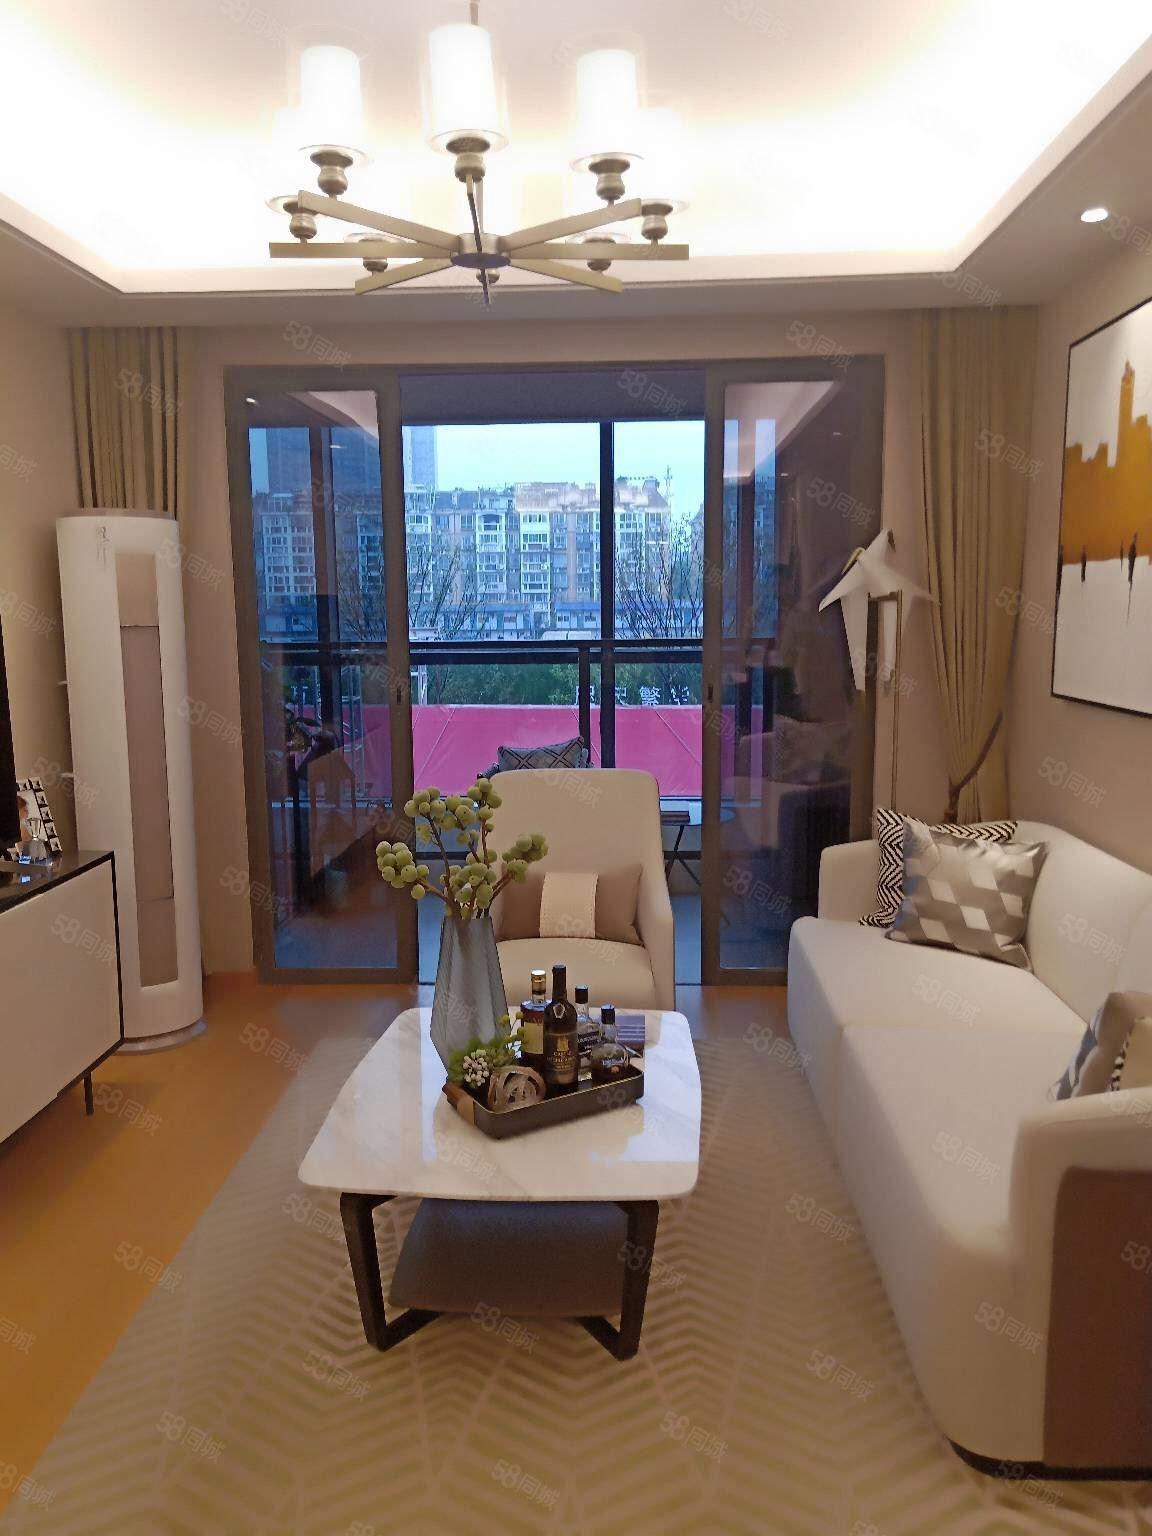 老城區唯一新房合作樓盤,新力弘陽府,夢時代地鐵口旁,精裝交付